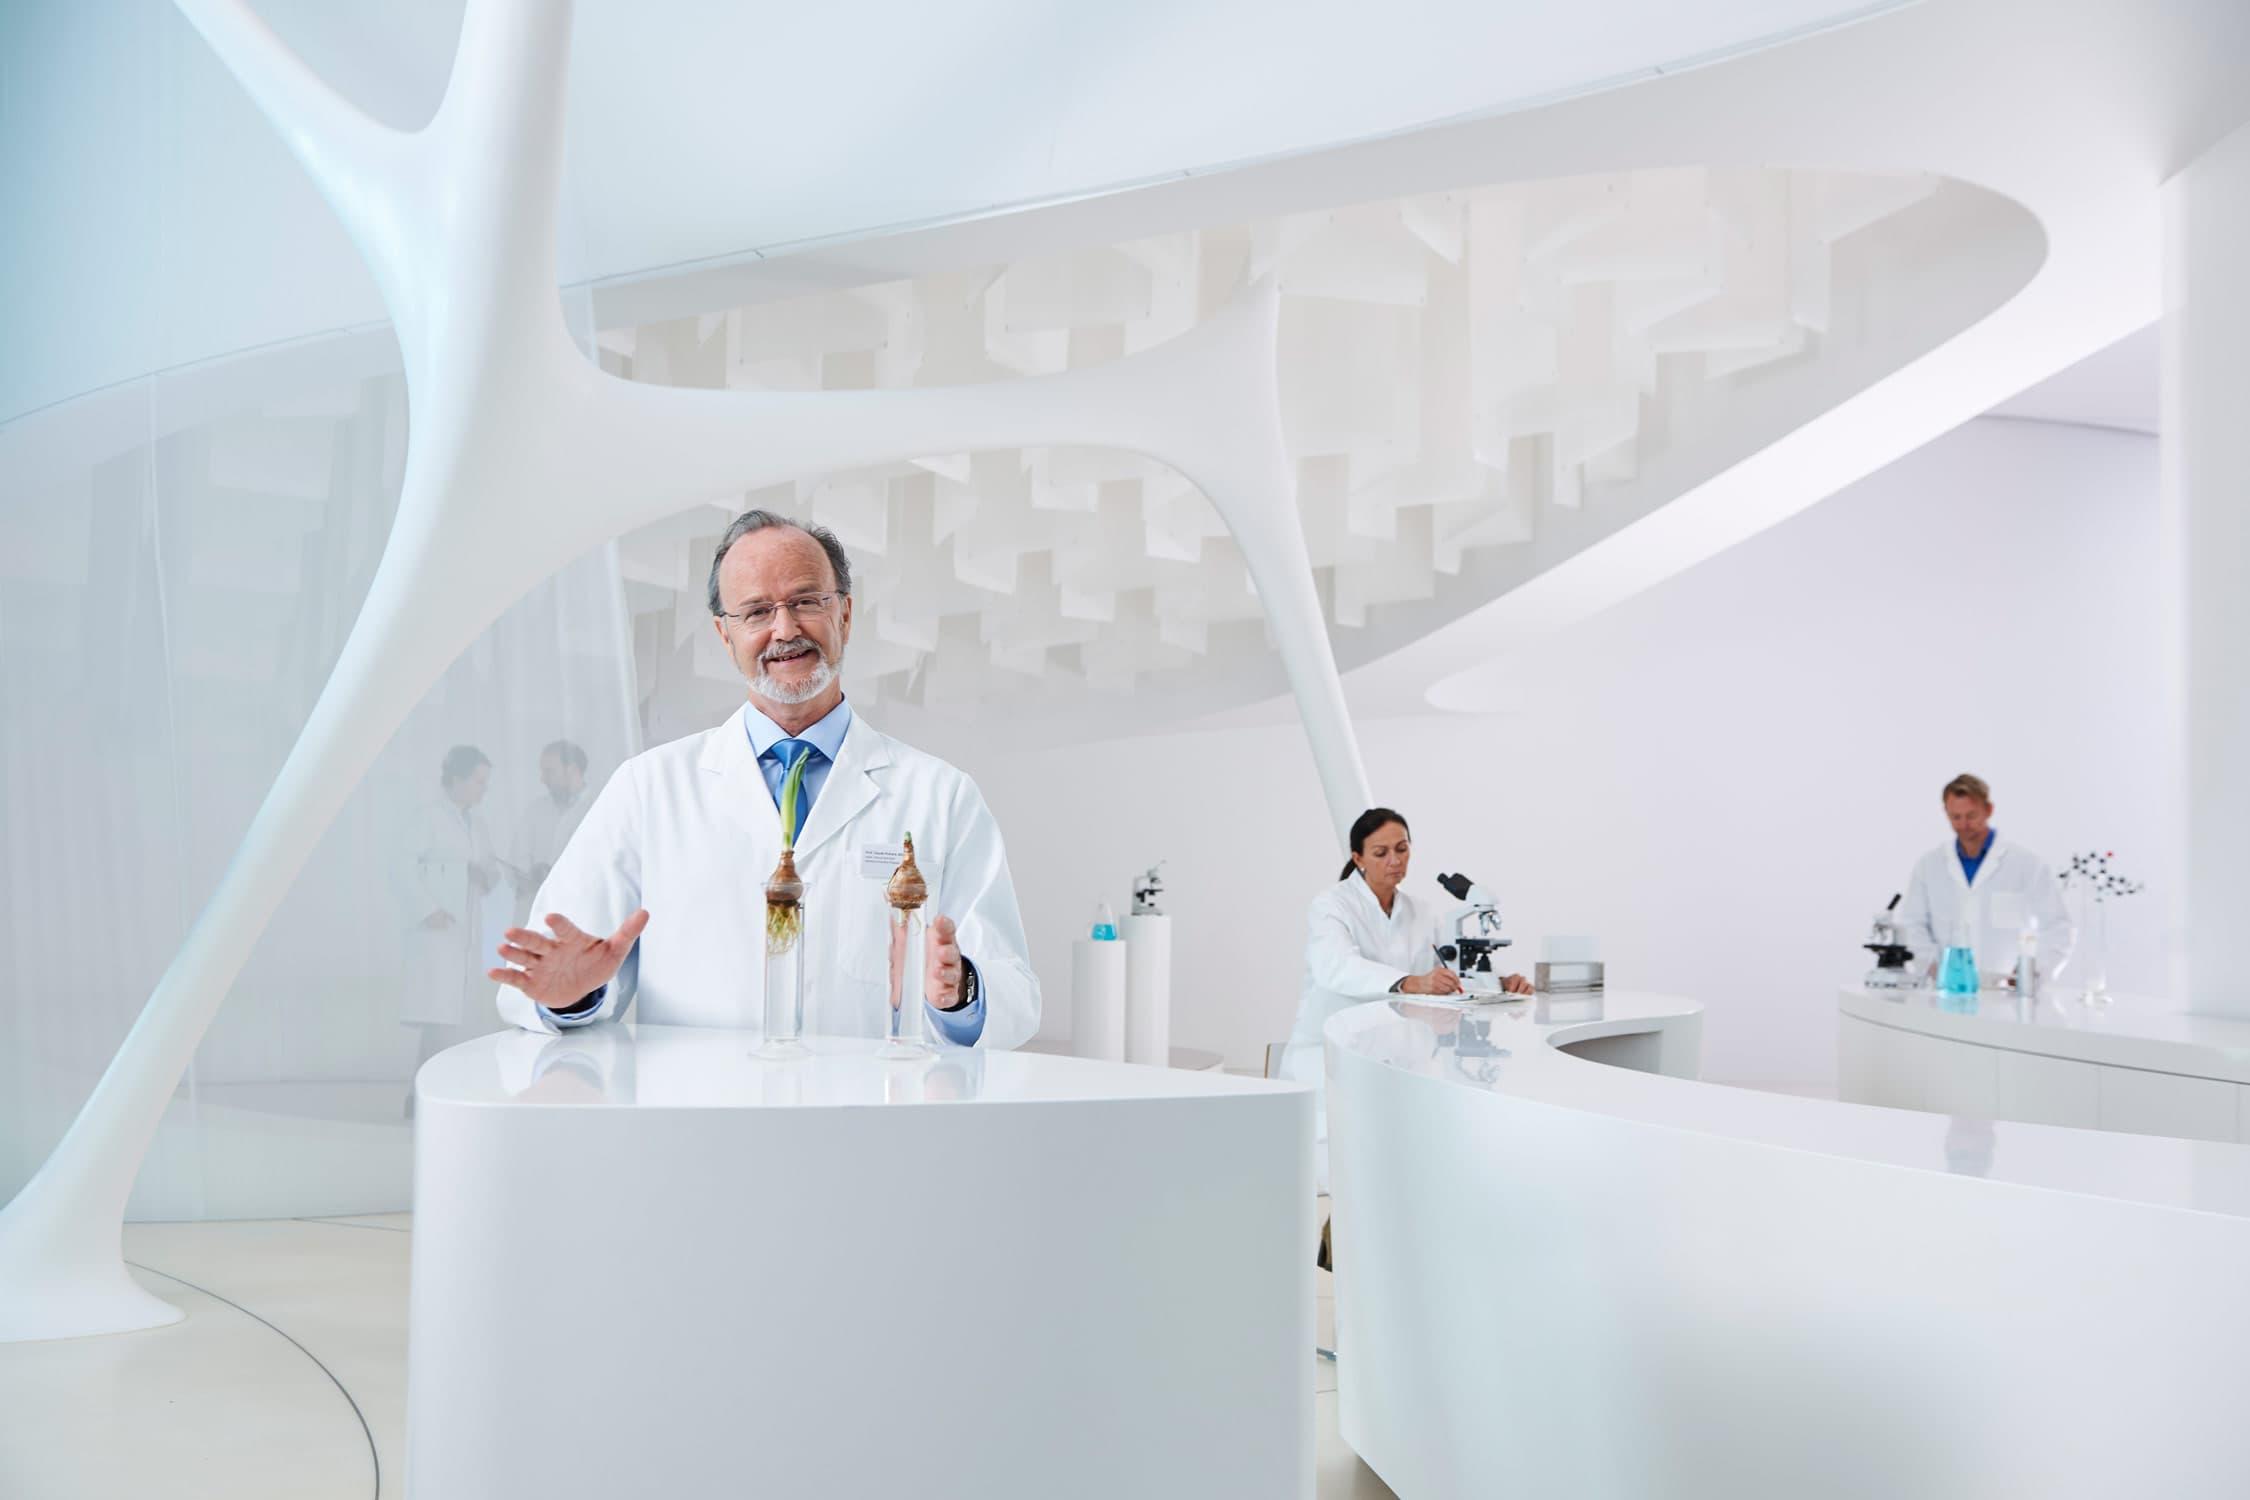 Portrait von einem Forschungsprofessor mit Mitarbeiter im Hintergrund in weißem Labor